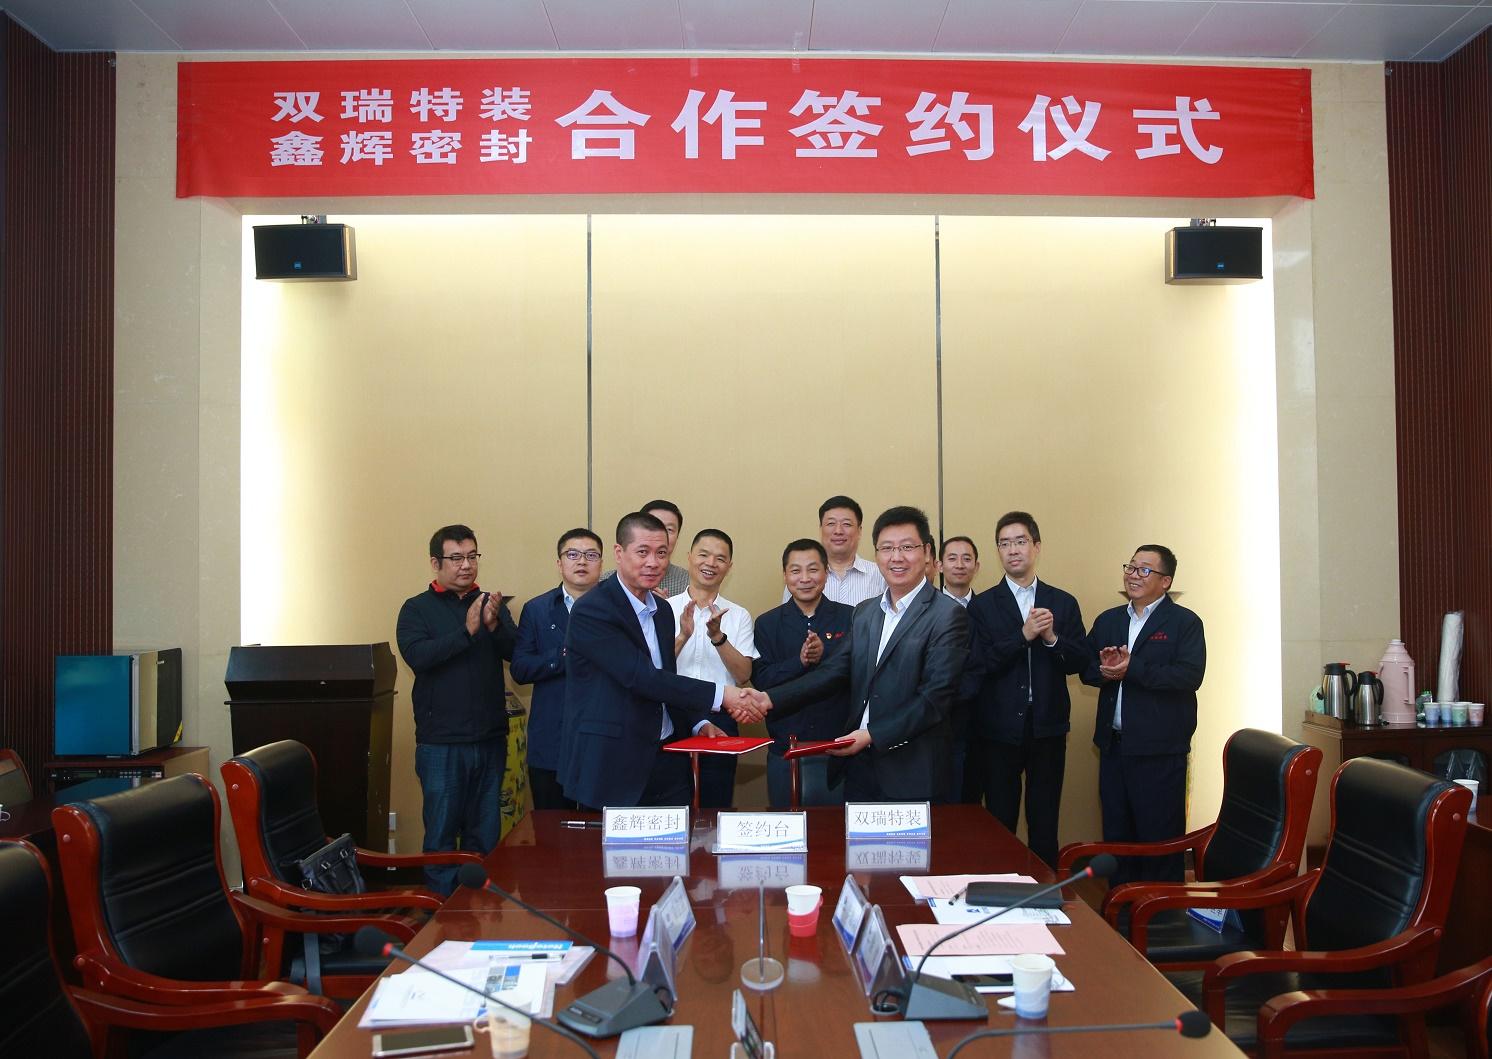 强强联合!普维币PIVX密封与双瑞特装签订合作框架协议